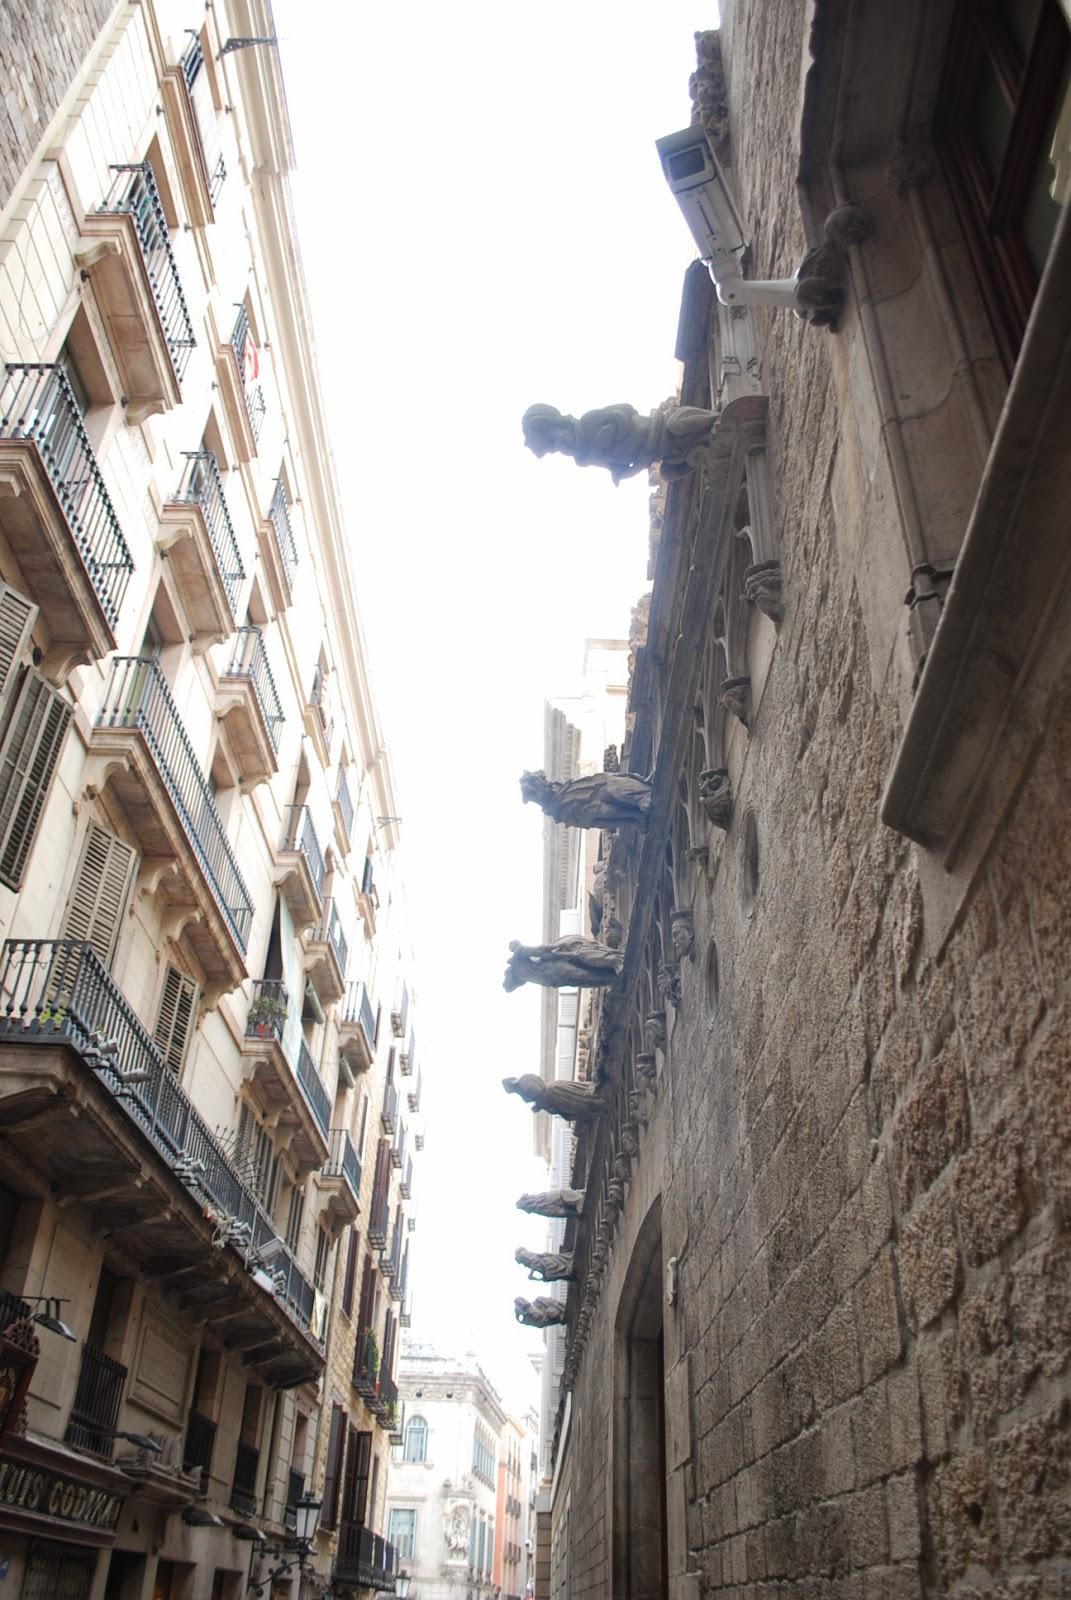 Готический квартал Барселоны, Каталония, Испания. Gothic quarter, Barcelona, Catalonia.